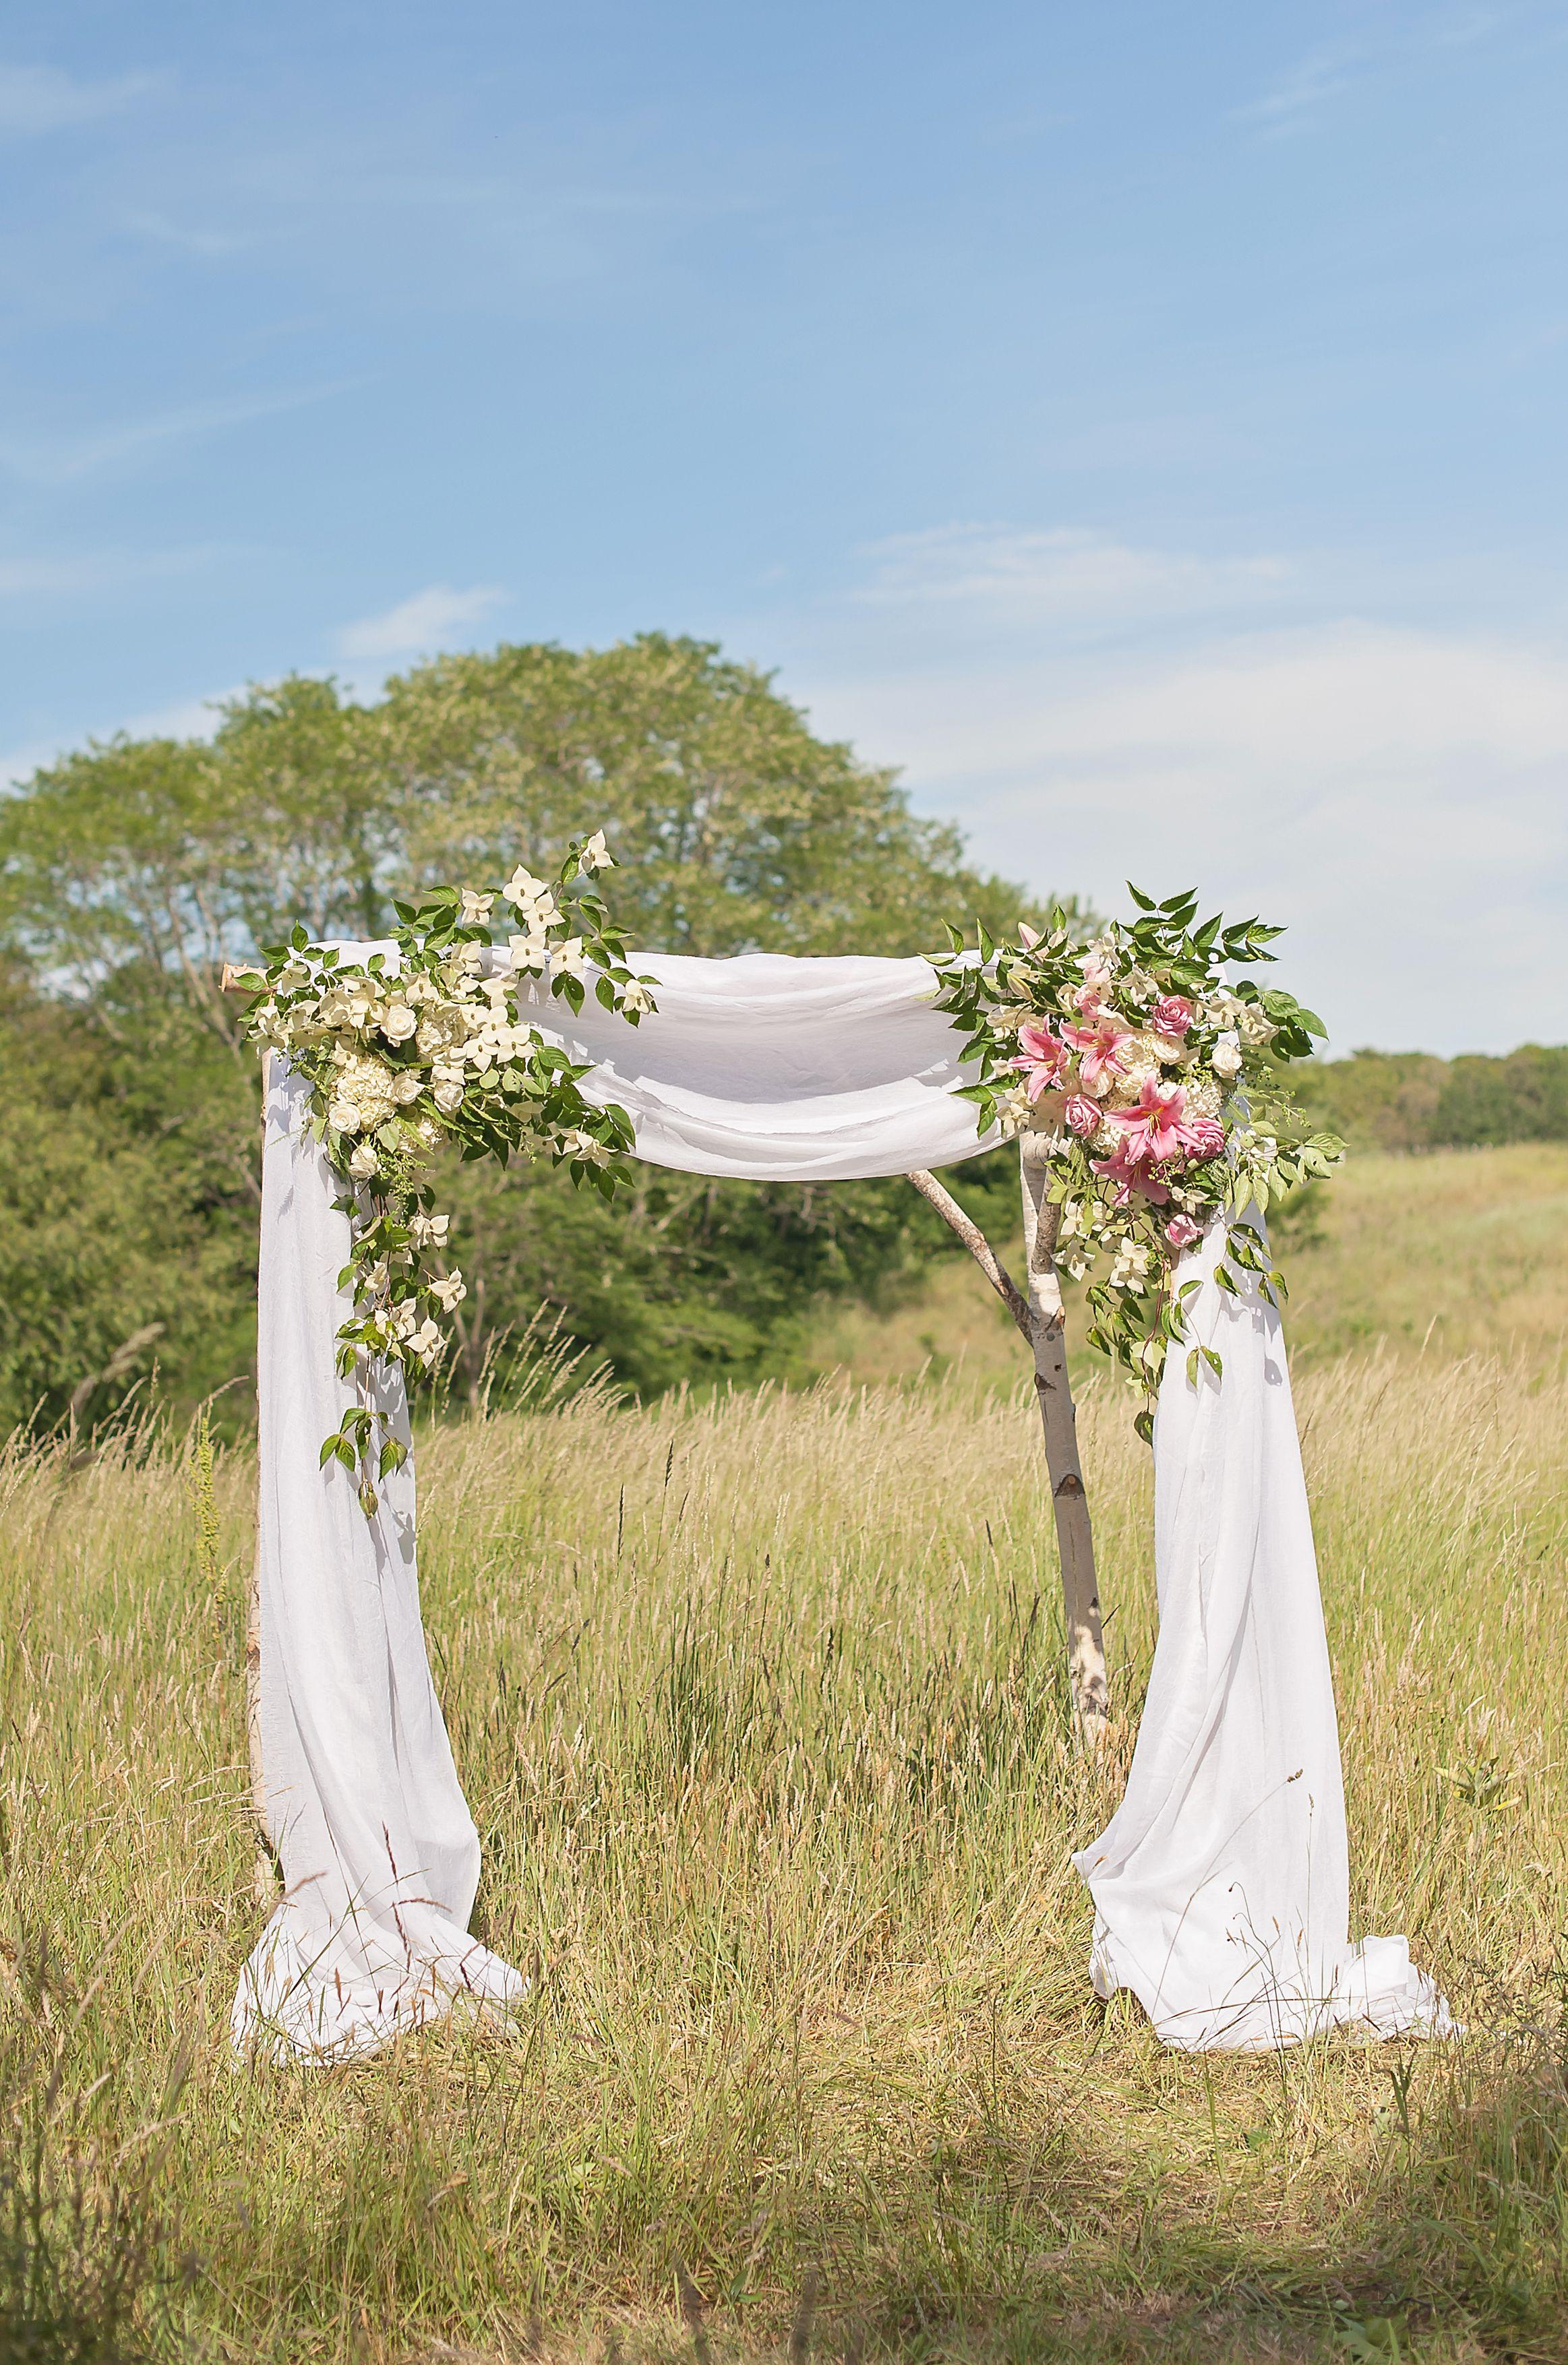 Arch Chuppa And Pergola Wedding Rental In Ma